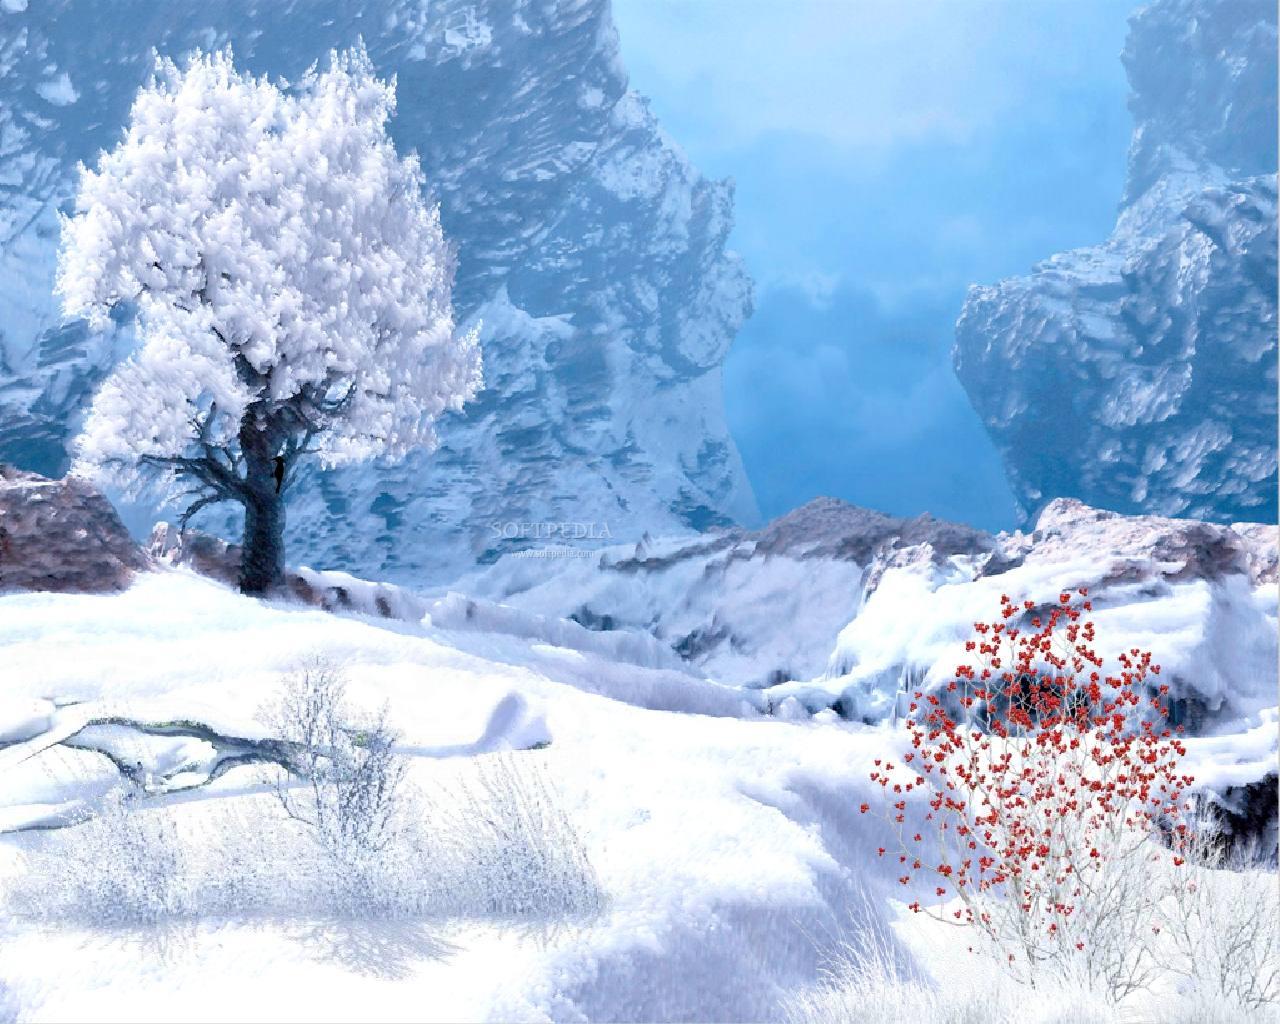 Winter Wonderland Bronies Wiki Fandom powered by Wikia 1280x1024